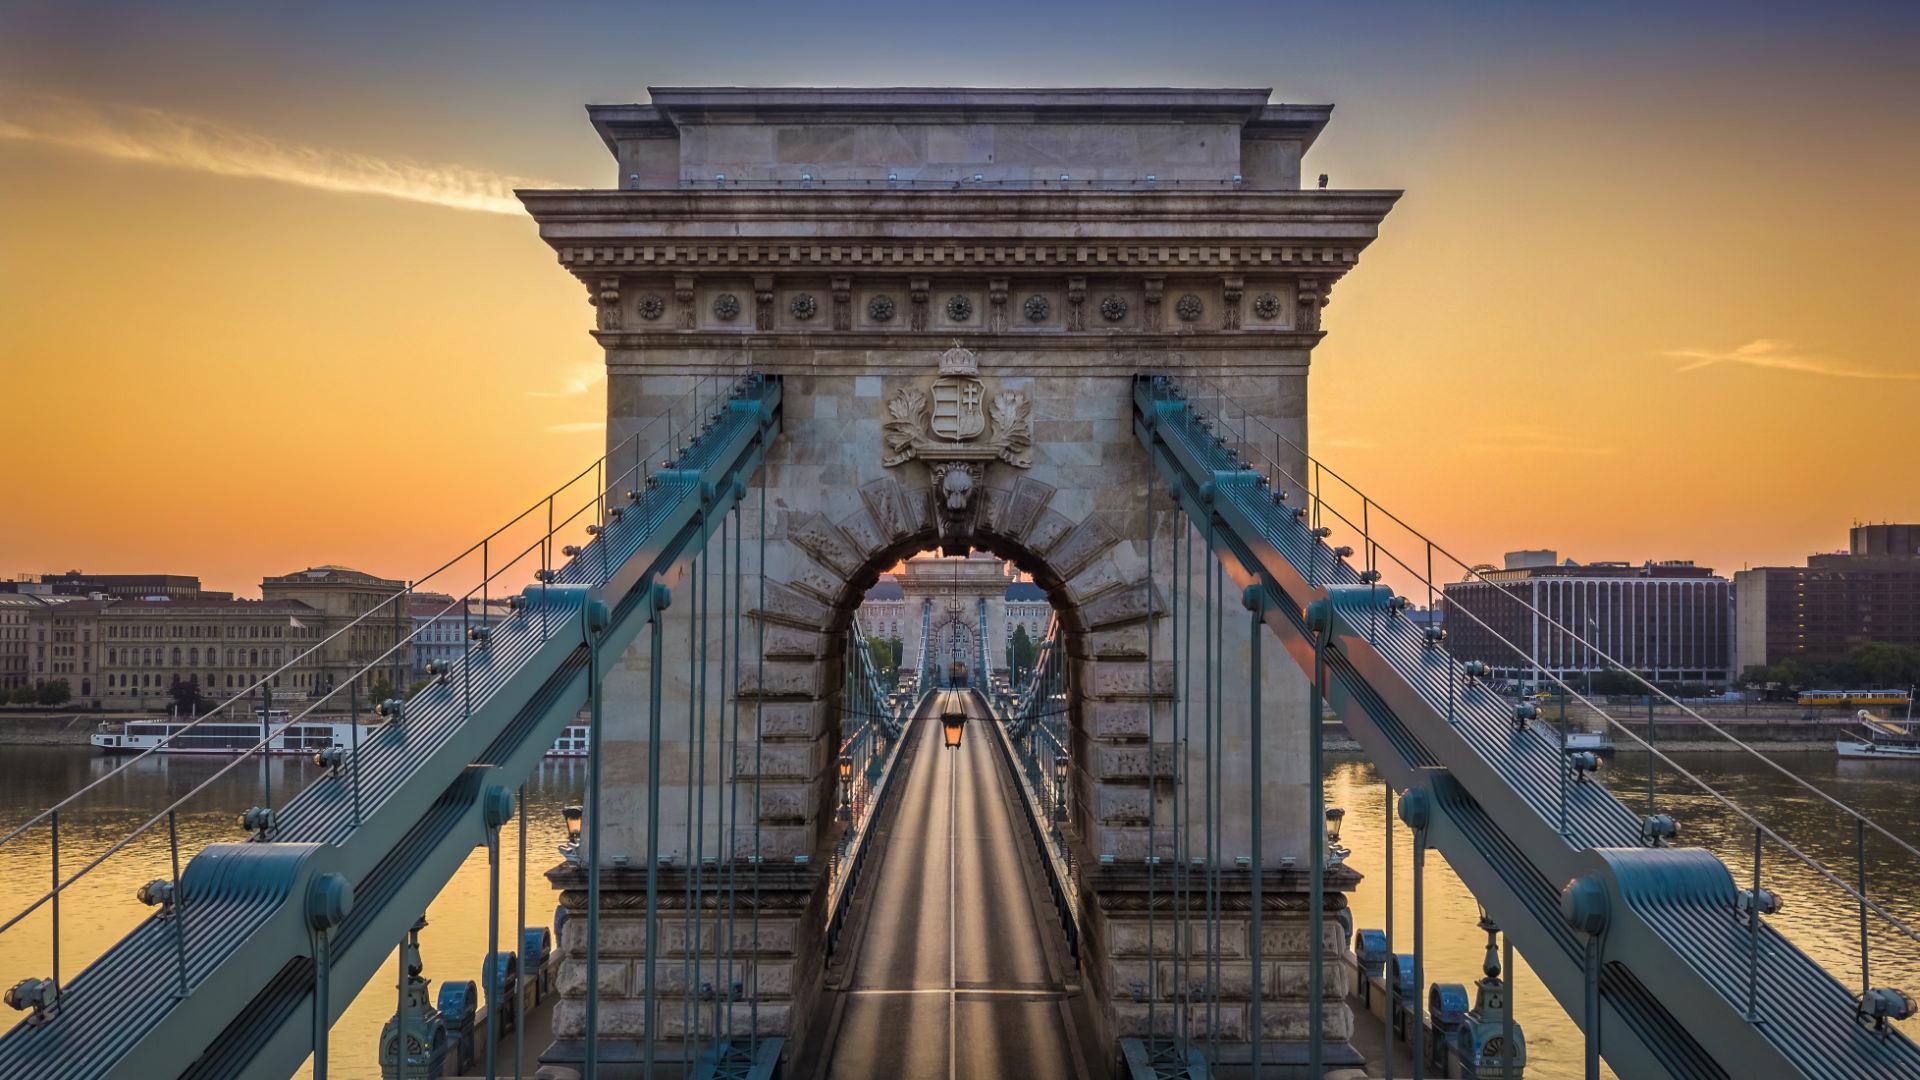 Köprülerle Bağlanan Aşıklar; Buda ve Peşte